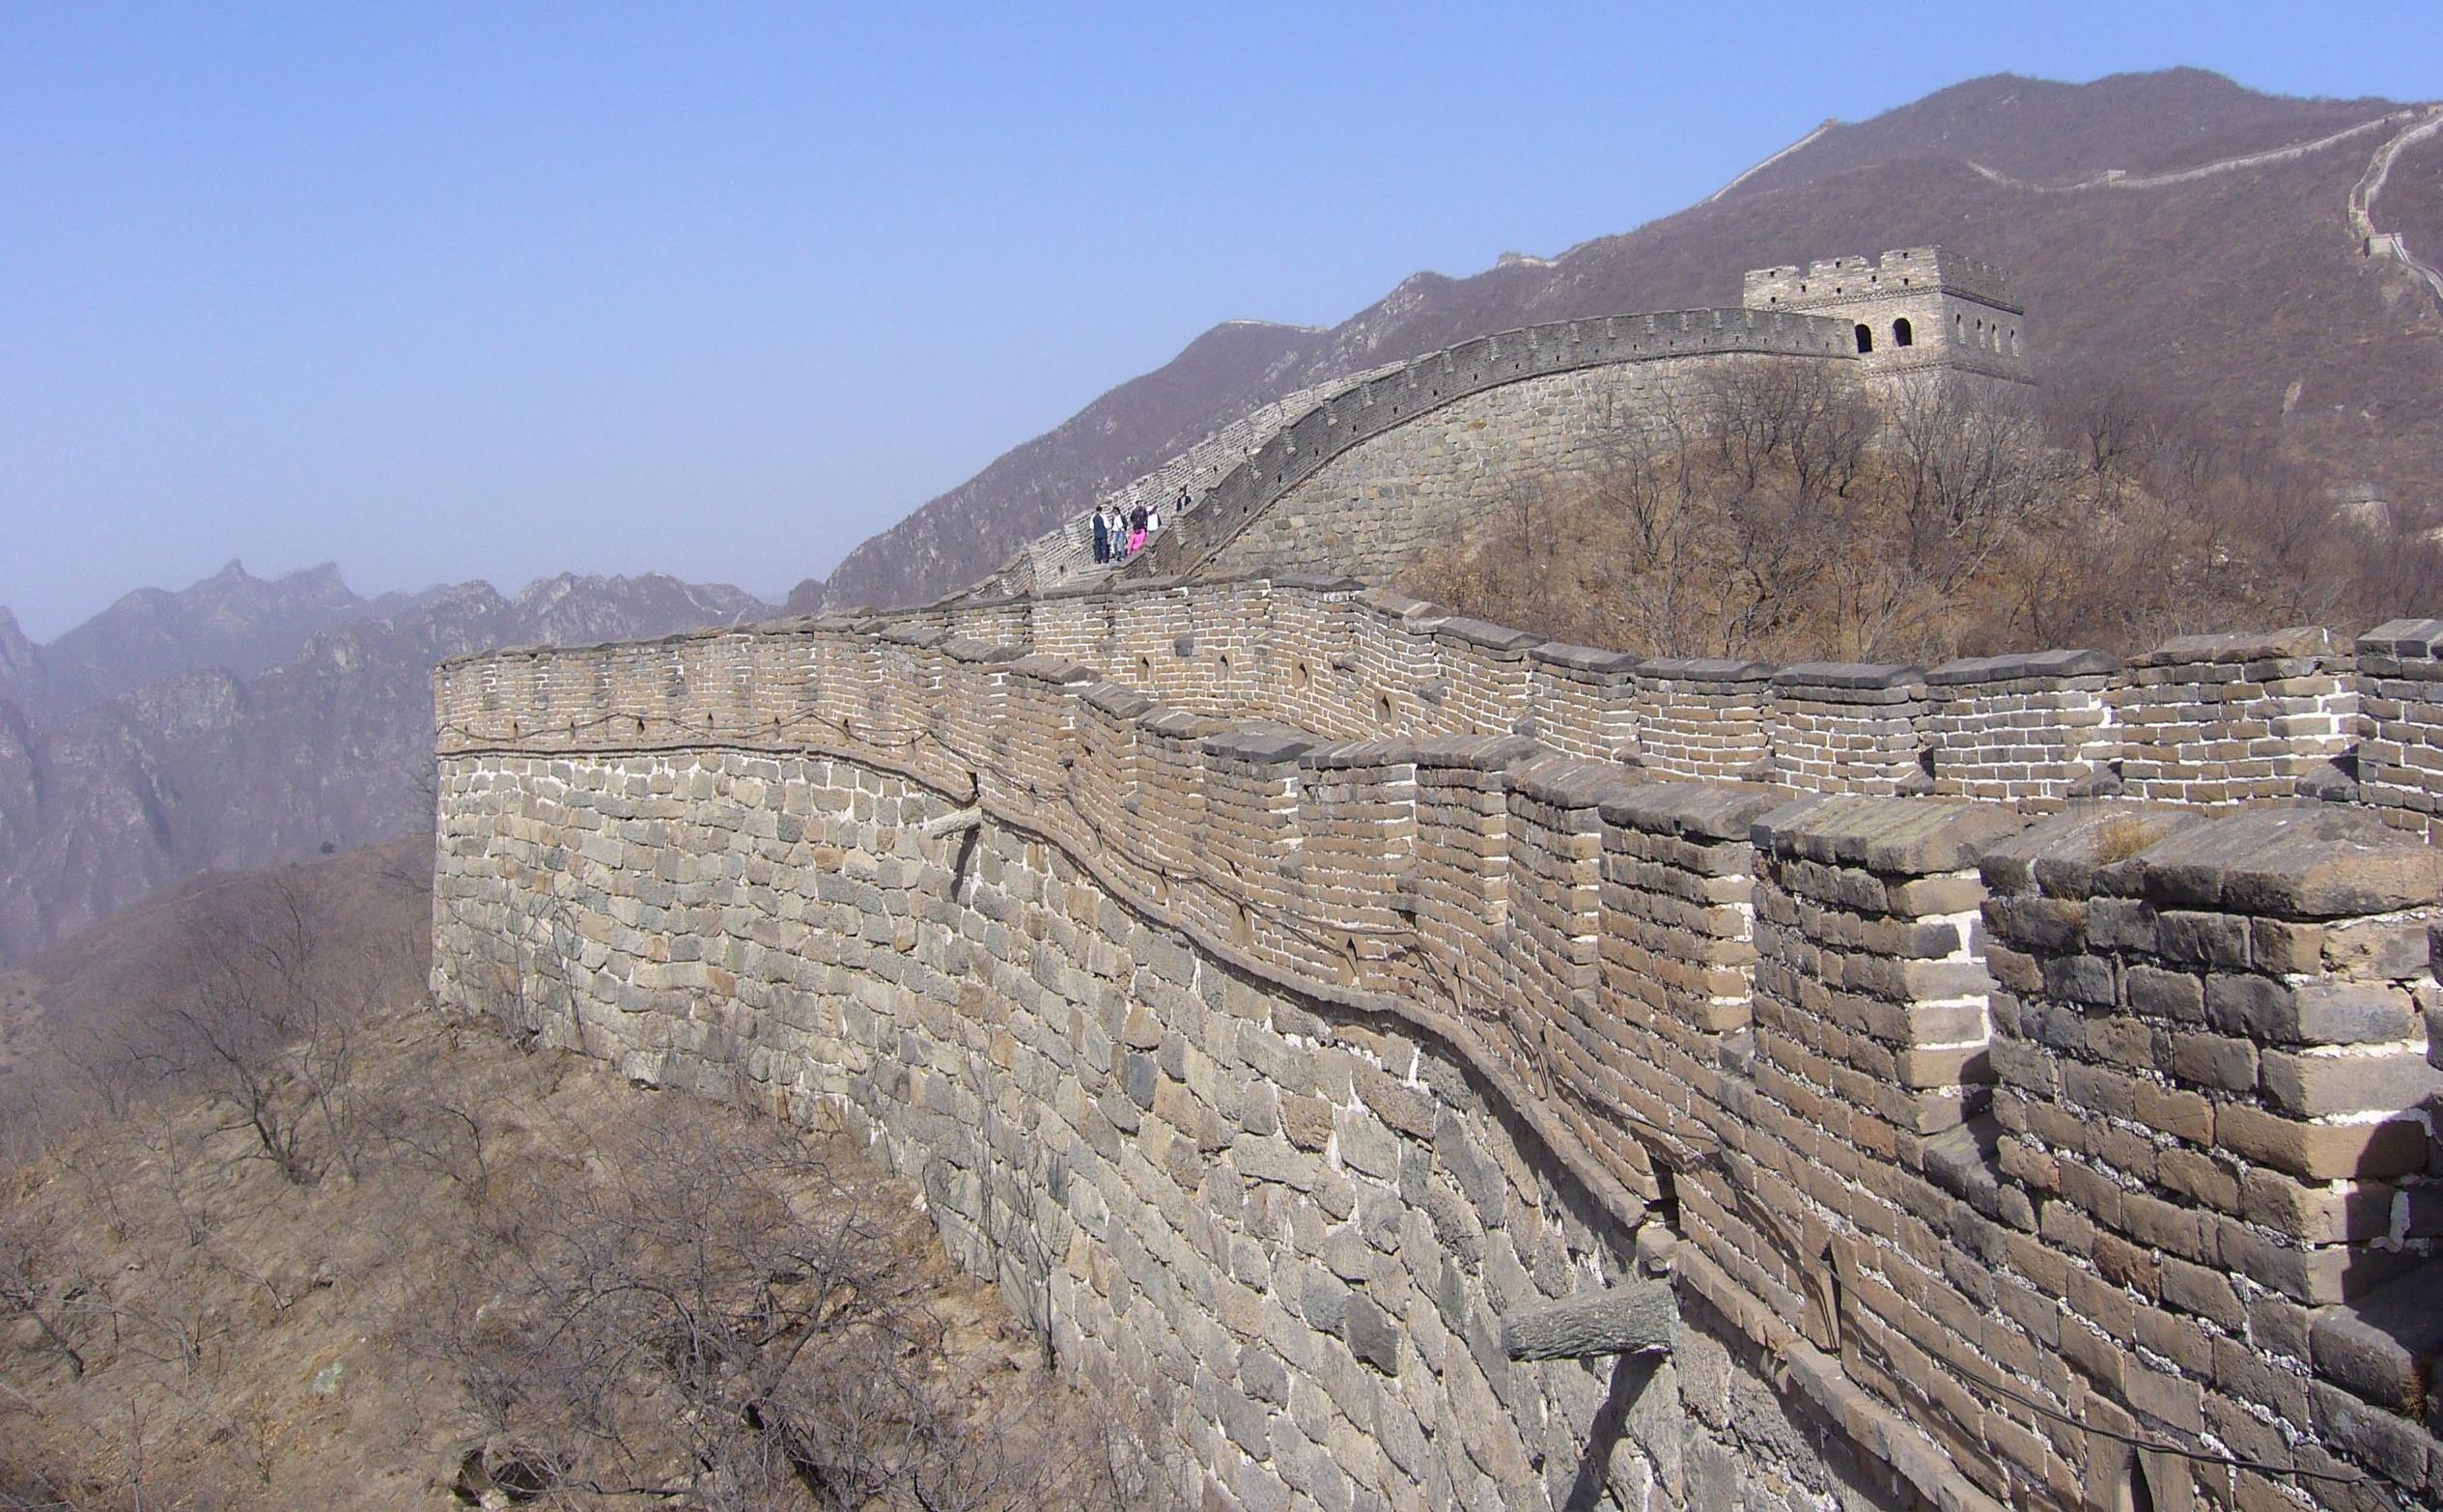 La muralla china del estudiante ayuda al estudiante for Q es la muralla china